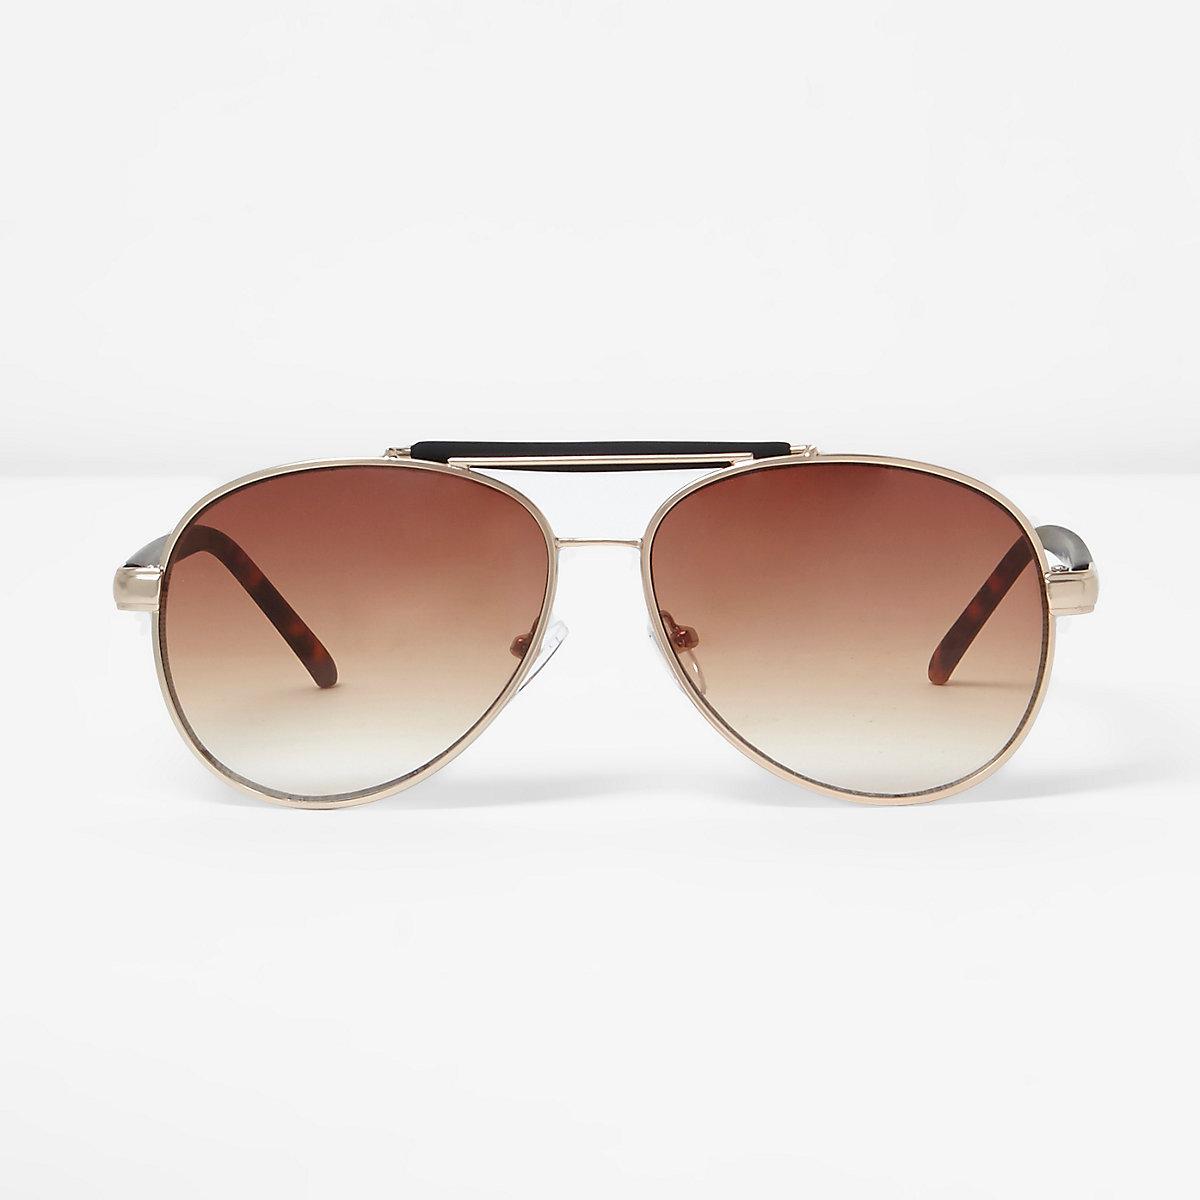 Gold contrast brow bar aviator sunglasses